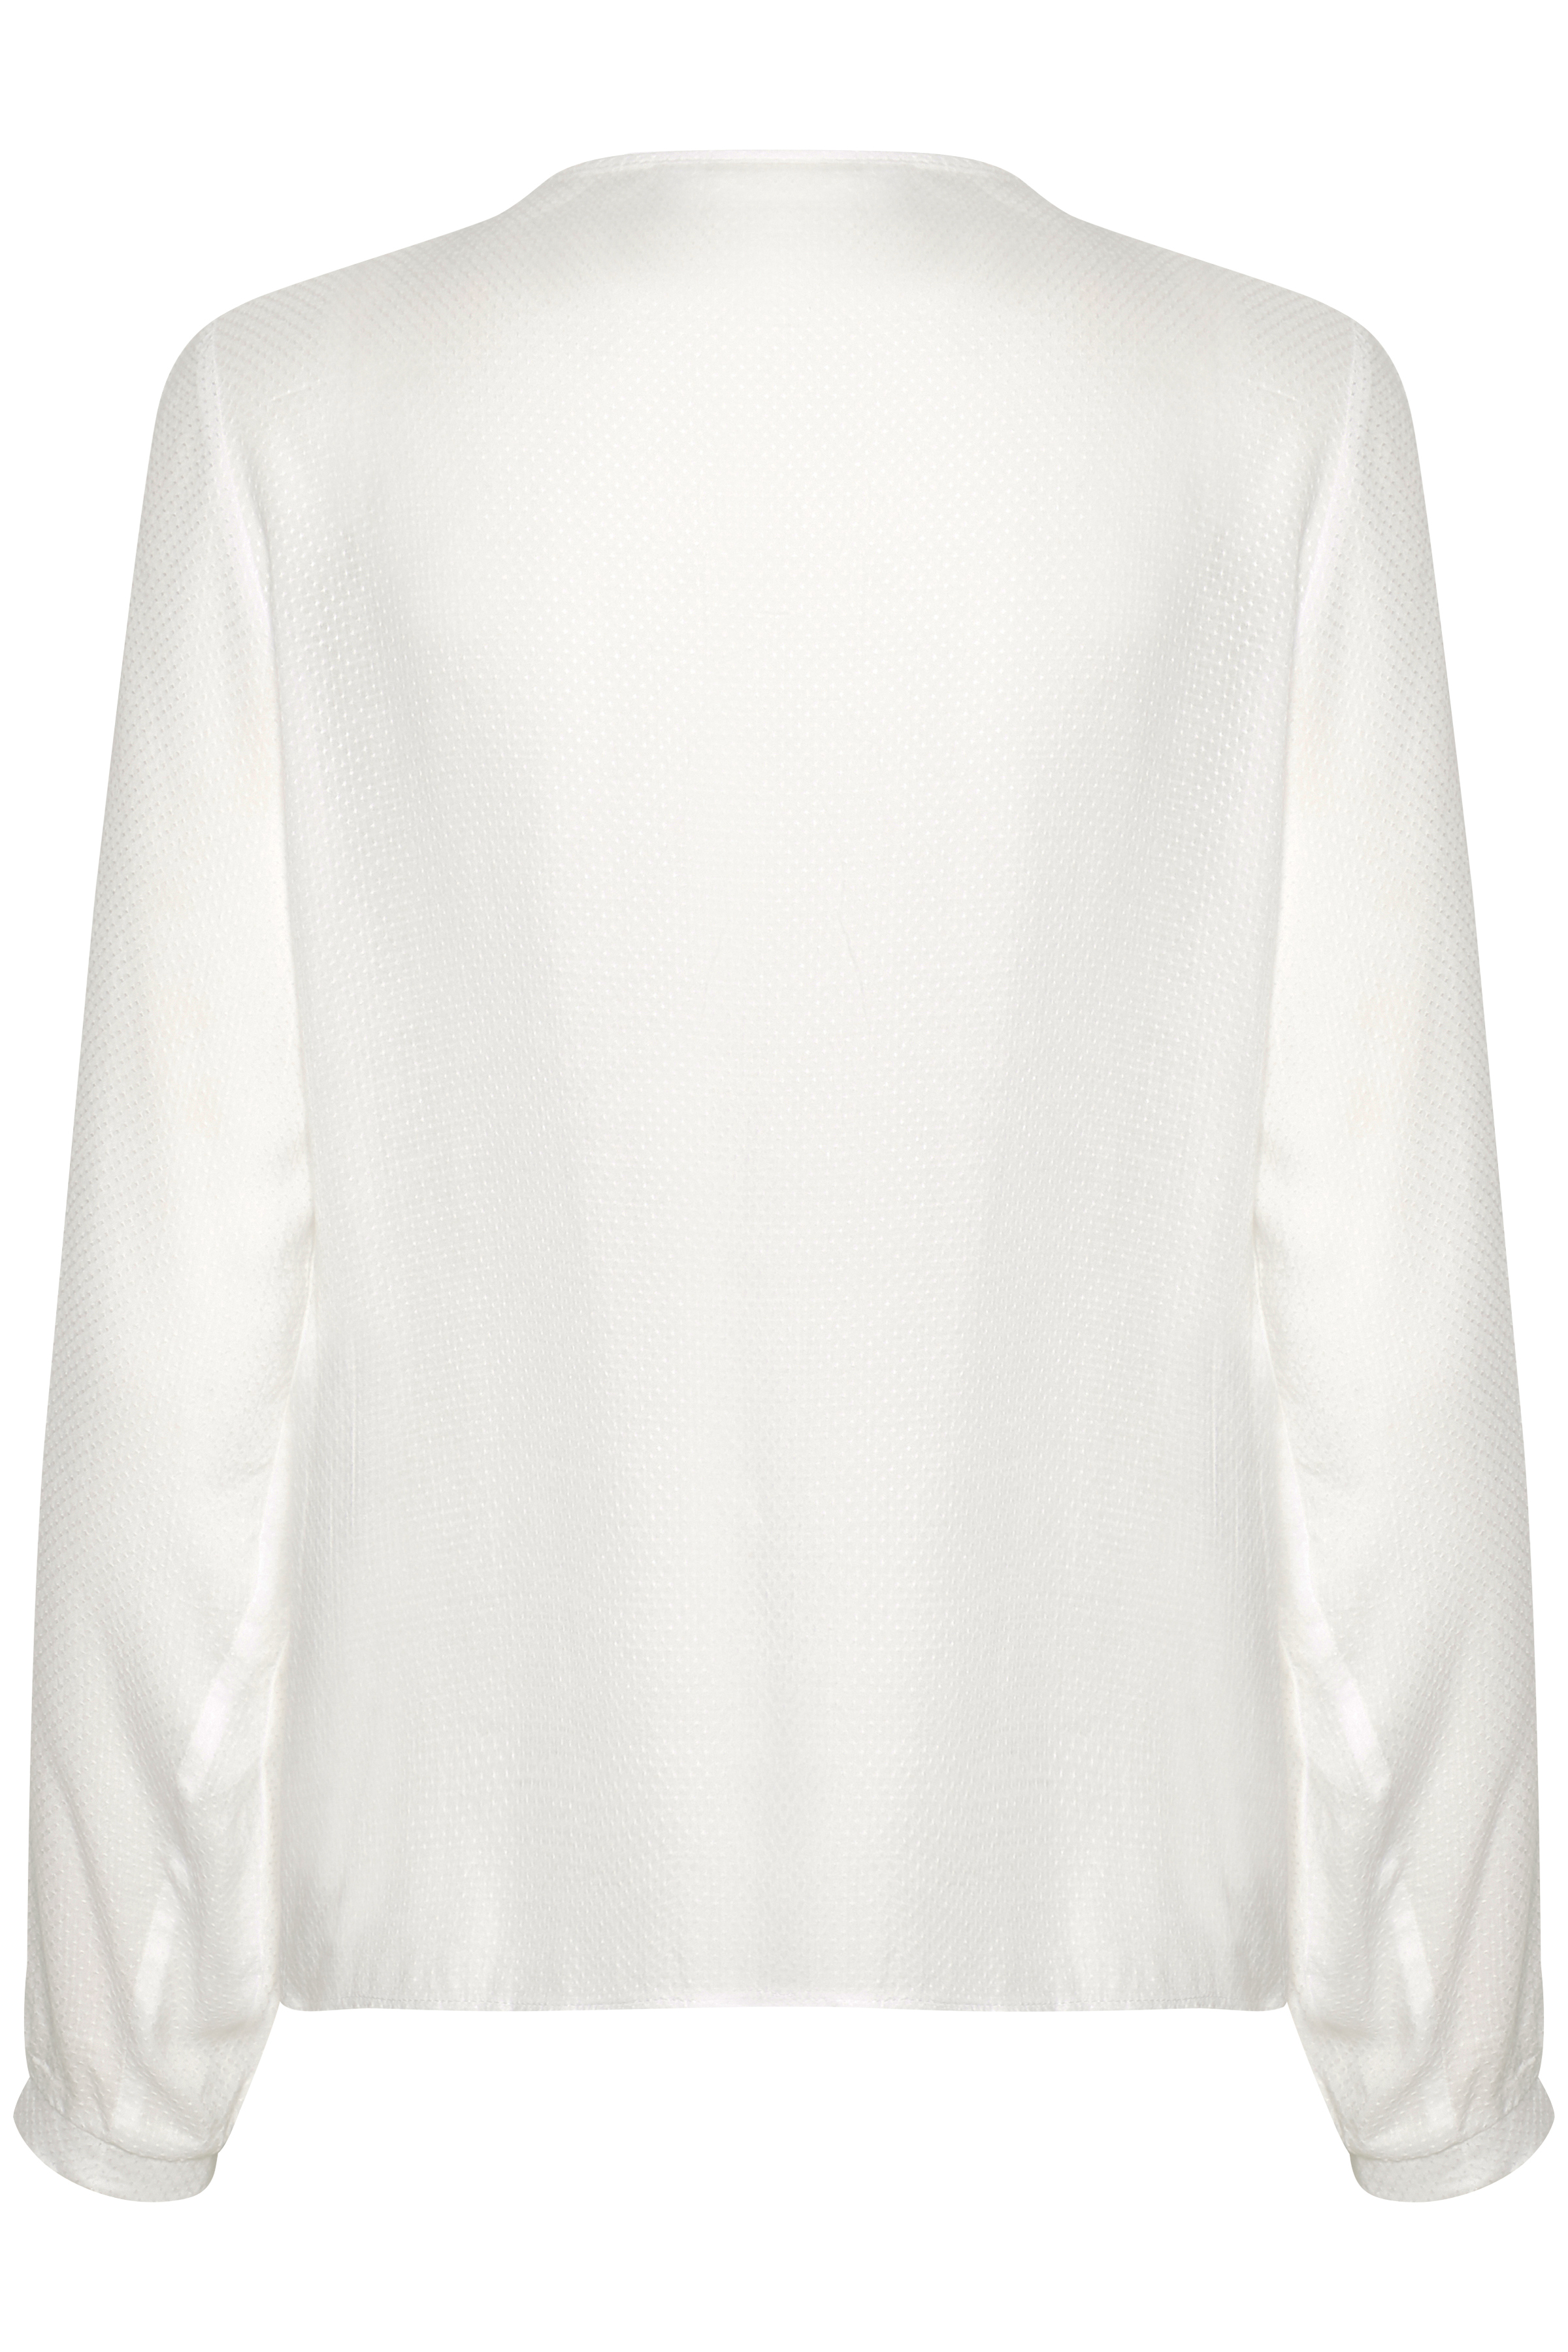 Off-white Långärmad blus från Cream – Köp Off-white Långärmad blus från stl. 34-46 här